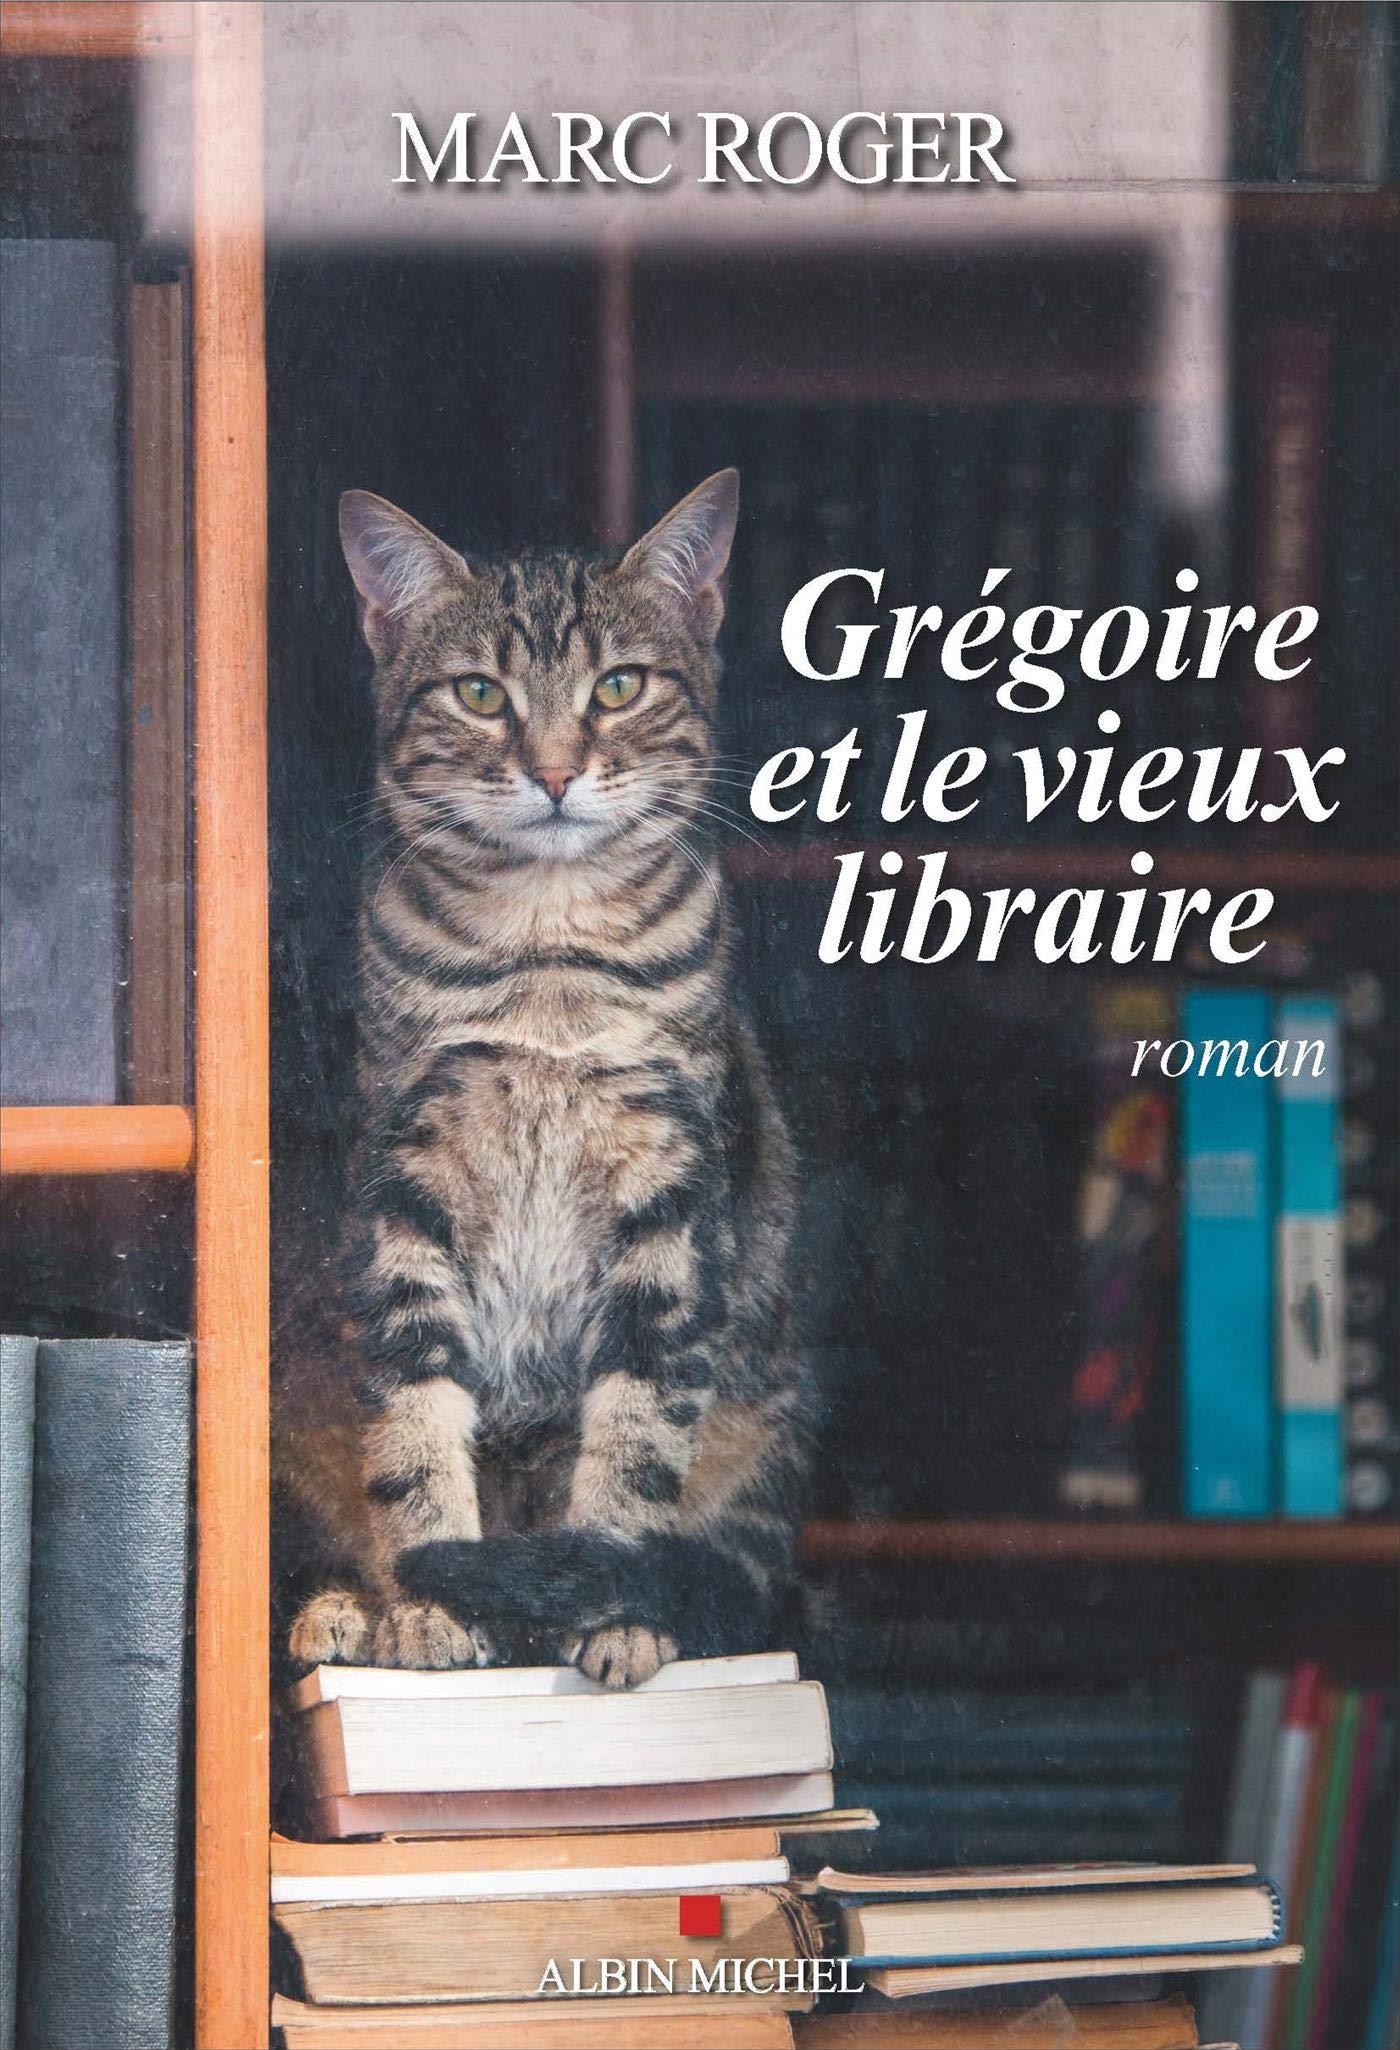 gregroire-et-le-vieux-libraire